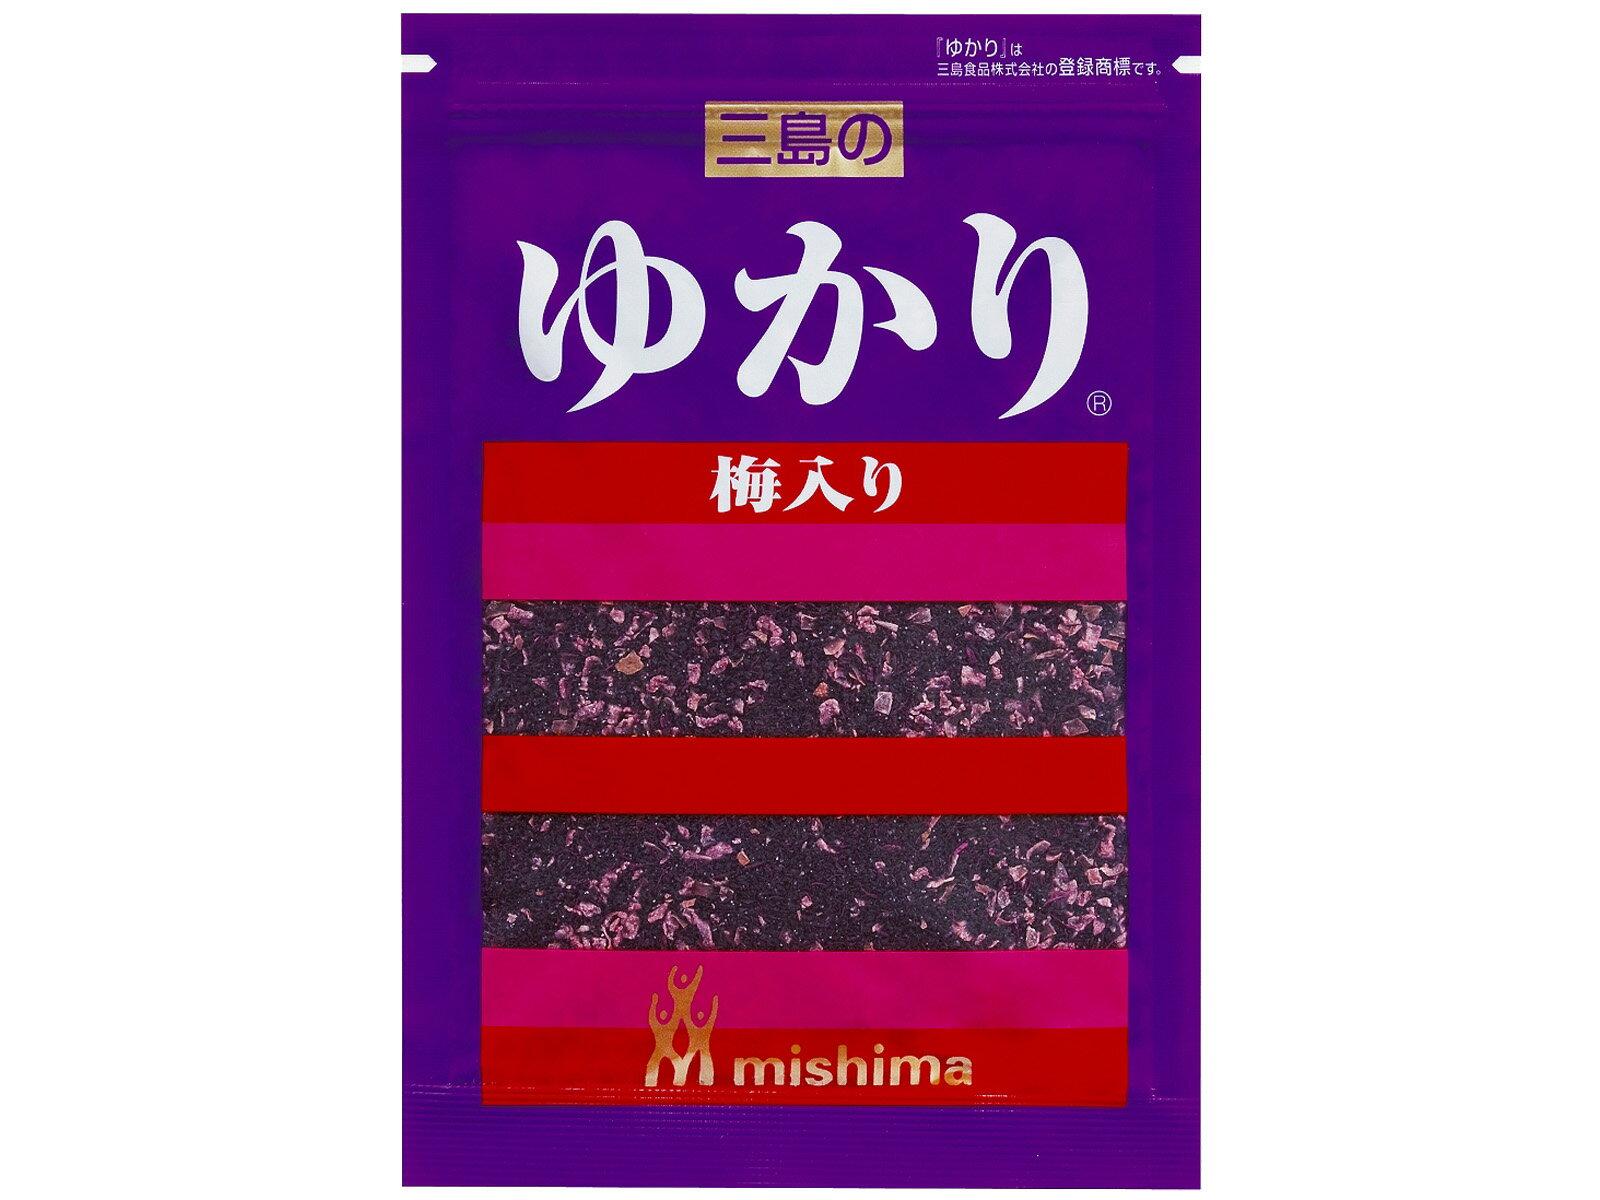 ゆかり®(梅入り) 200g